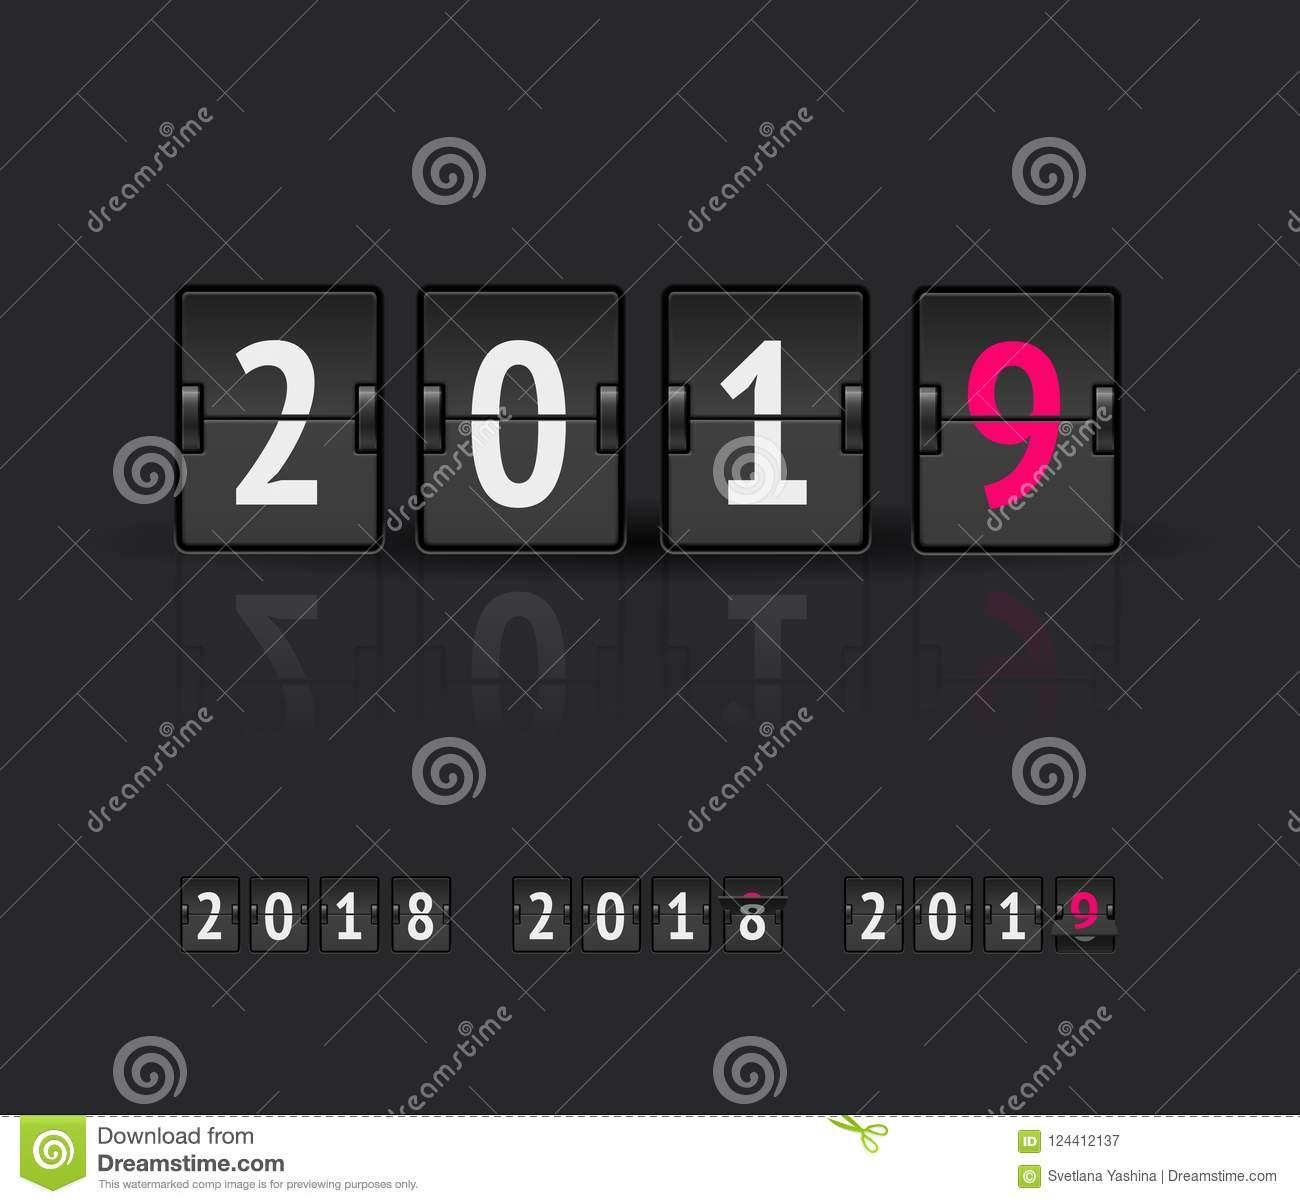 crisstel.ro New Year Countdown numărătoarea inversă până la trecerea în noul an cronometrul care ne arată cât timp mai este până la deschiderea sticlei de șampanie și până la pornirea focurilor de artificii cât timp mai este până la un anume moment de timp trecerea în noul an aniversare placă cu conectivitate WiFi sincronizare de timp NTP placa de dezvoltare Adafruit Feather M0 WiFi placa Arduino MKR1000 acumulator LiPo de 3.7V circuit de comandă TM1637 Modulul de afișare se va alimenta la 3.3V Arduino IDE 1.8.5 Adafruit SAMD Boards